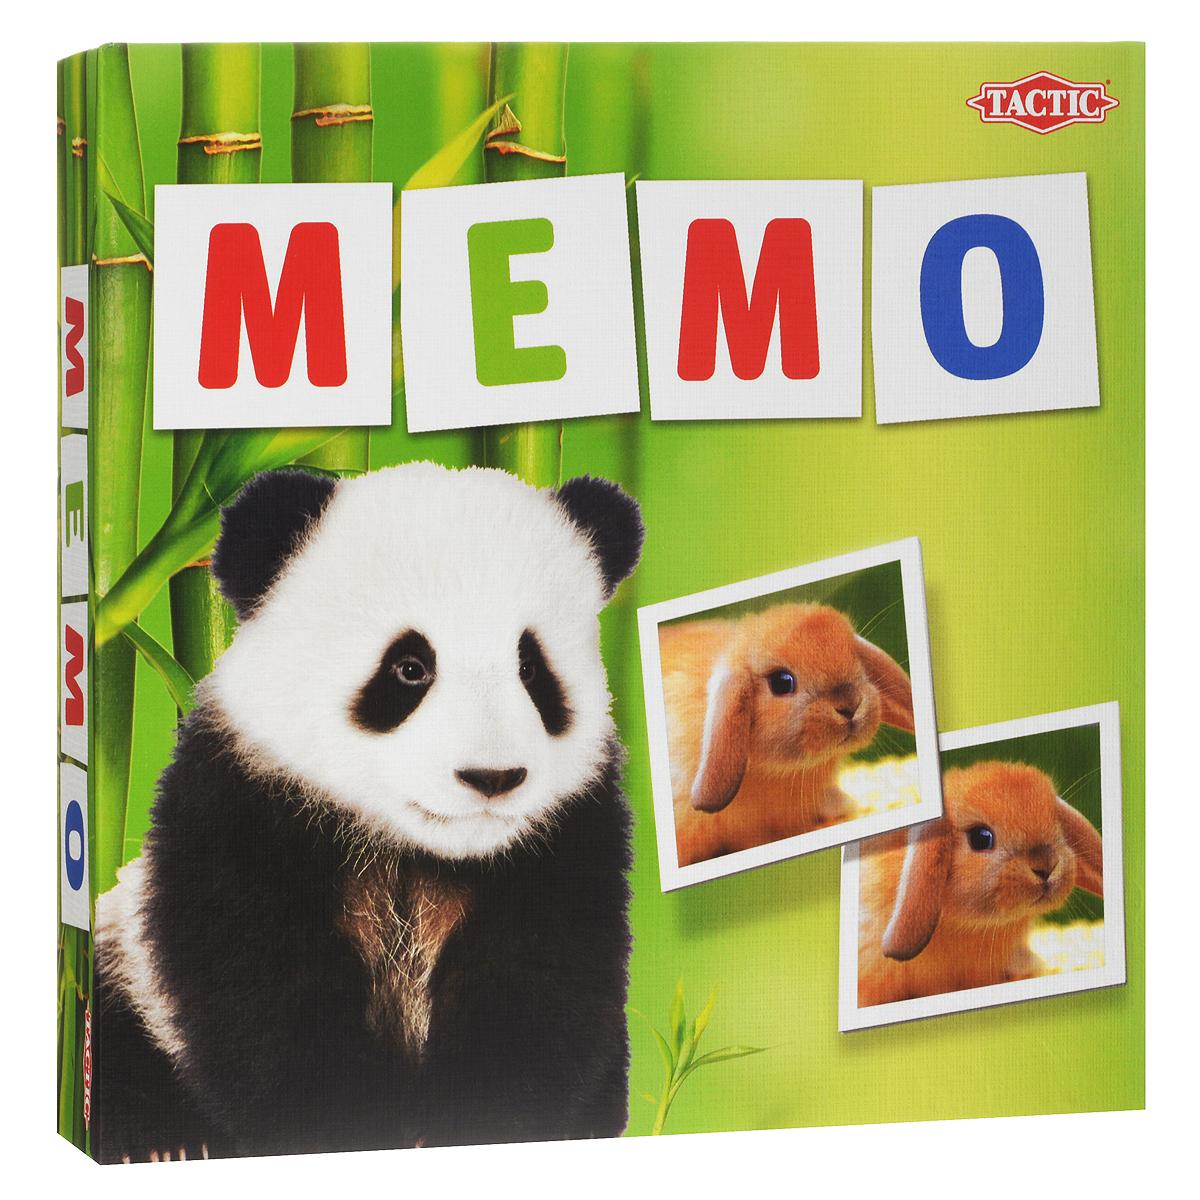 Настольная игра Tactic Games Мемо. Зверята52676Настольная игра Мемо. Зверята от Tactic Games понравится любознательным малышам, ведь она познакомит их с различными дикими животными. Малыши сначала могут просто рассматривать красивые фотографии забавных молодых зверят, изображенные на карточках. Карточки выполнены из высококачественного прочного картона, на который нанесено изображение. Сверху все это покрыто полимерной пленкой, которая защитит картинки от старения. Игра заключается в открывании парных картинок. Для начала нужно положить на стол все карточки лицевой стороной вниз. Каждый игрок должен открывать только 2 карты за 1 ход. Если картинки на карточках совпали, то игроку можно сделать следующий ход, если нет - то очередь ходить теперь у следующего. Выигрывает тот игрок, который откроет наибольшее количество пар. В процессе игры малыши получат отличную тренировку памяти, внимания и наблюдательности. А соревновательный момент придаст игре оживление и скорость. Изучайте транспортные средства...